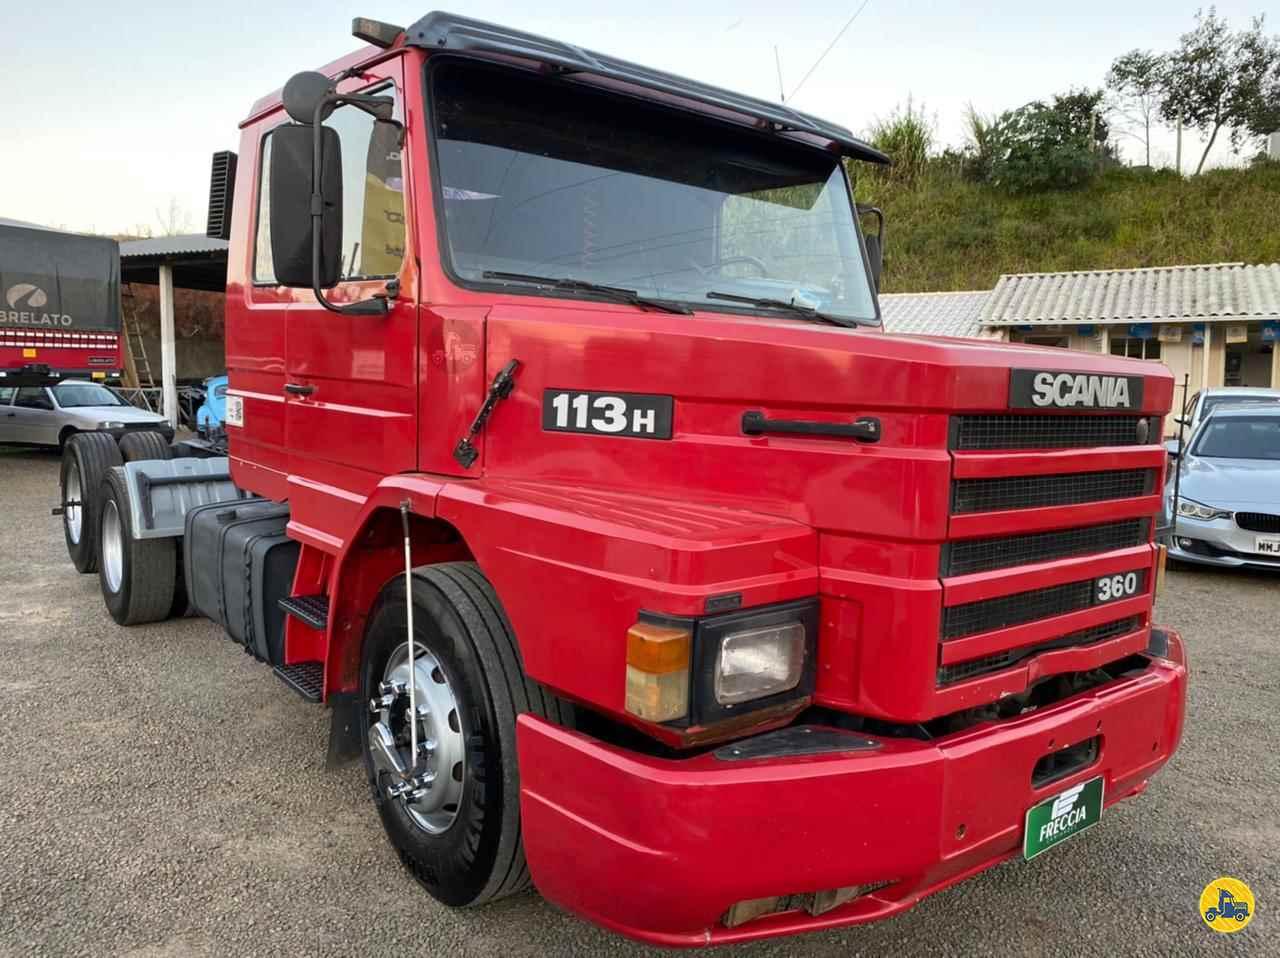 CAMINHAO SCANIA SCANIA 113 360 Cavalo Mecânico Truck 6x2 Freccia Caminhões JAGUARUNA SANTA CATARINA SC